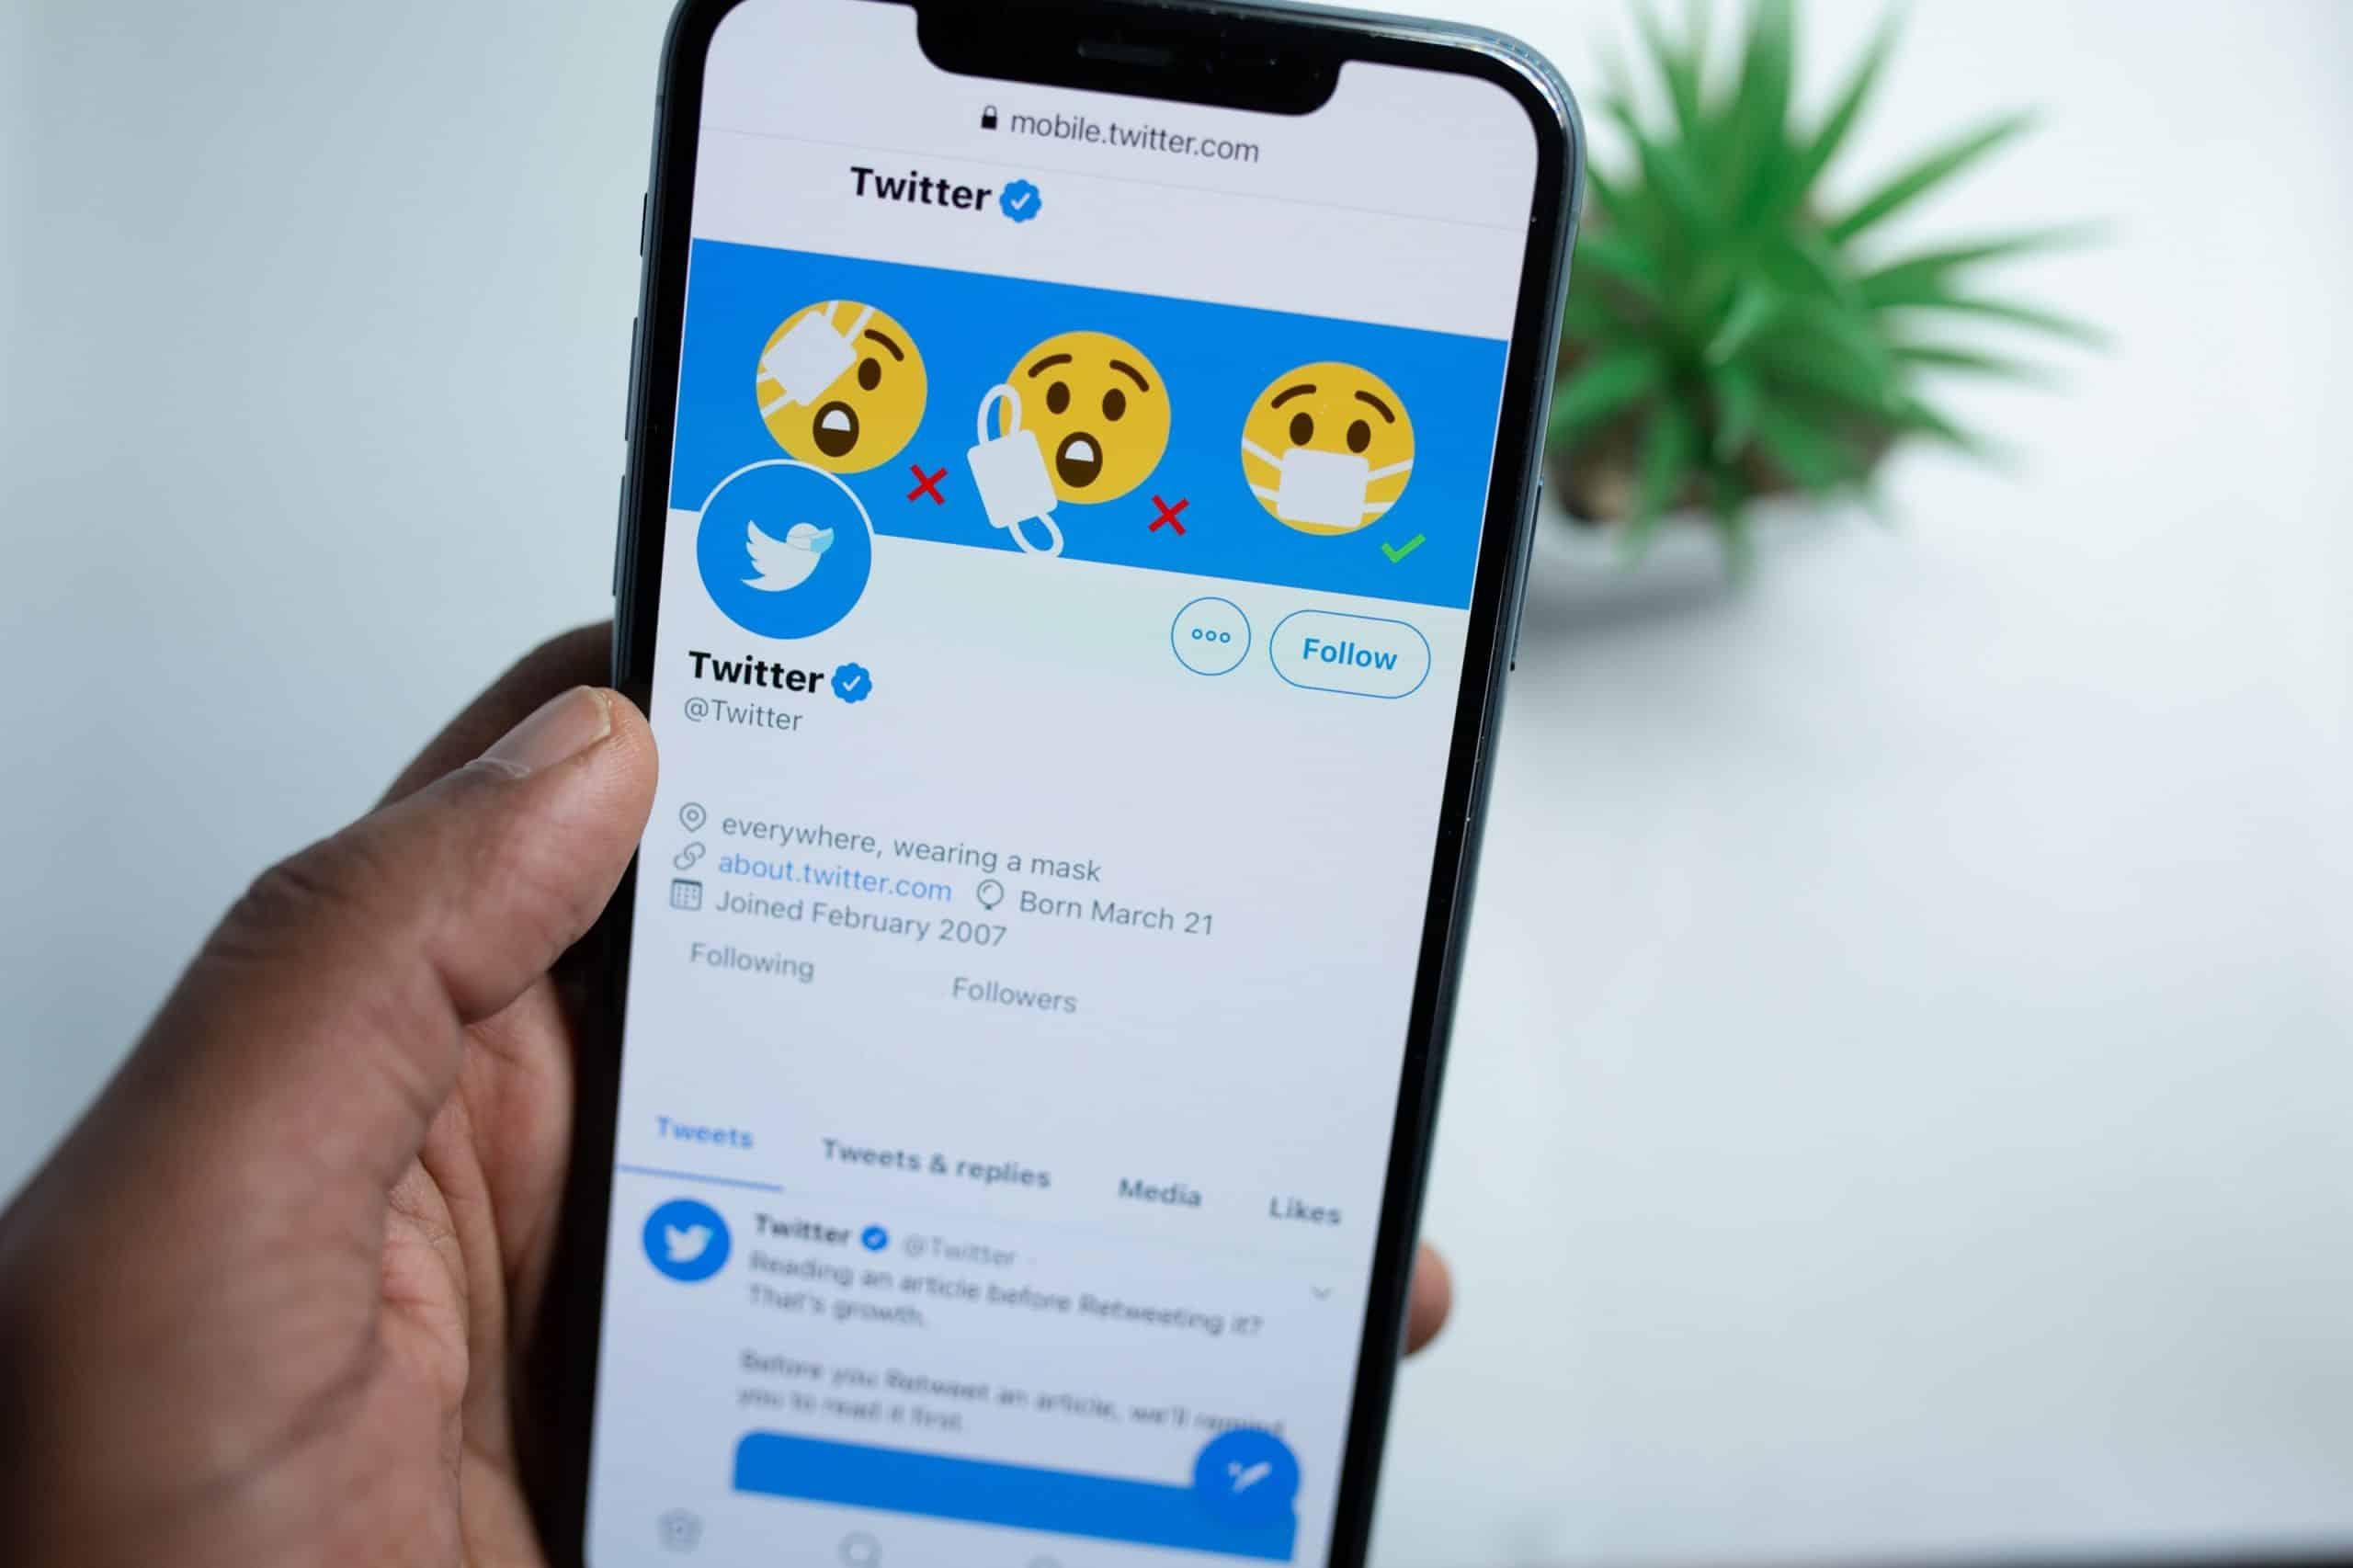 História do Twitter: origem e curiosidades sobre a rede social